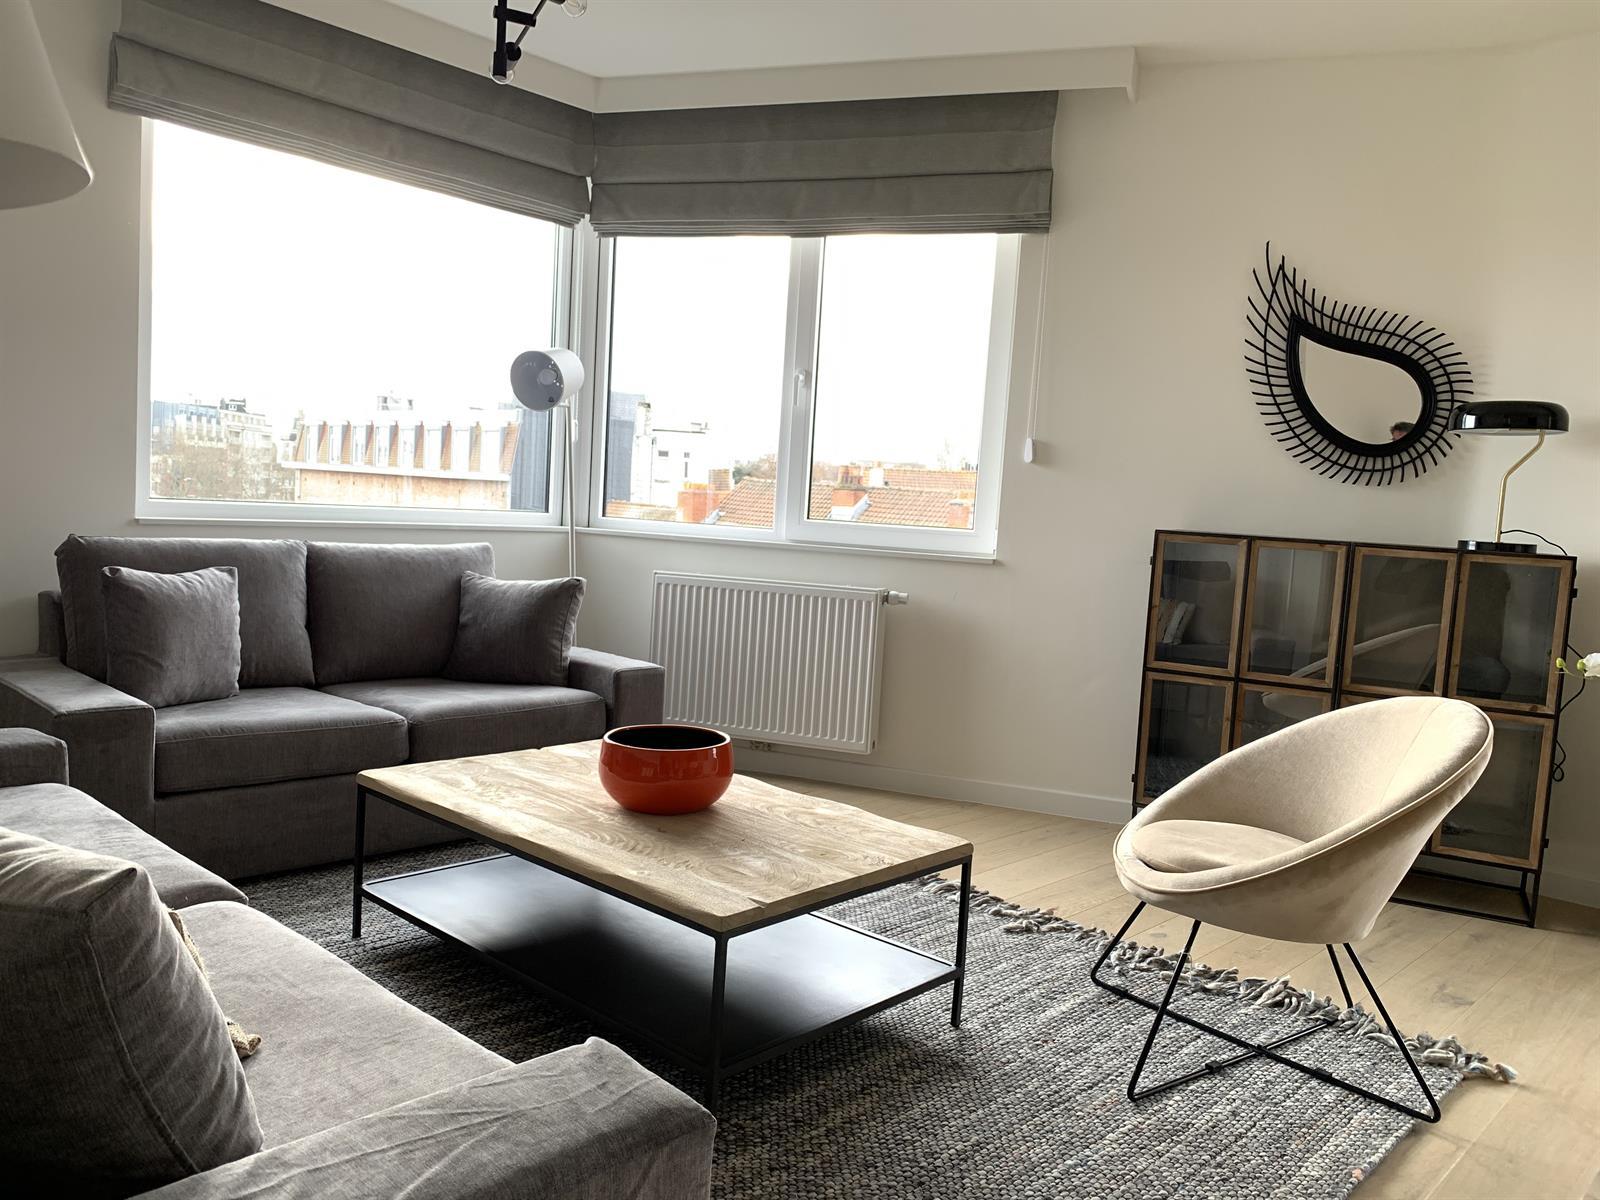 Appartement exceptionnel - Schaerbeek - #3964777-1